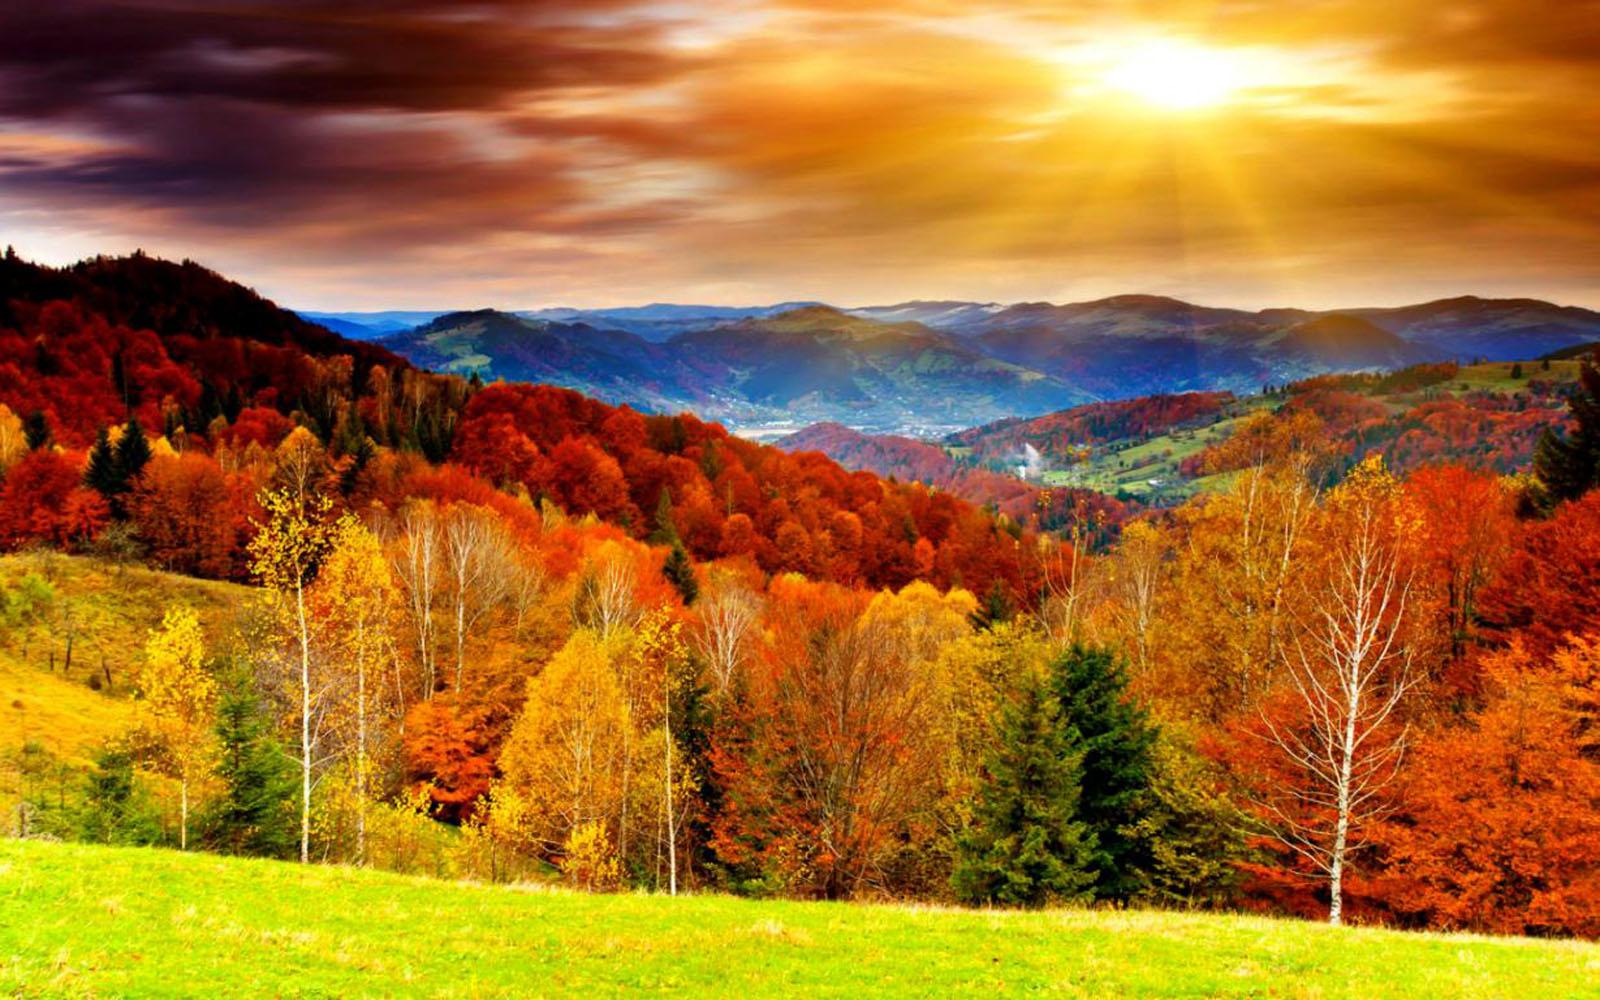 wallpapers scenery wallpaper landscape -#main